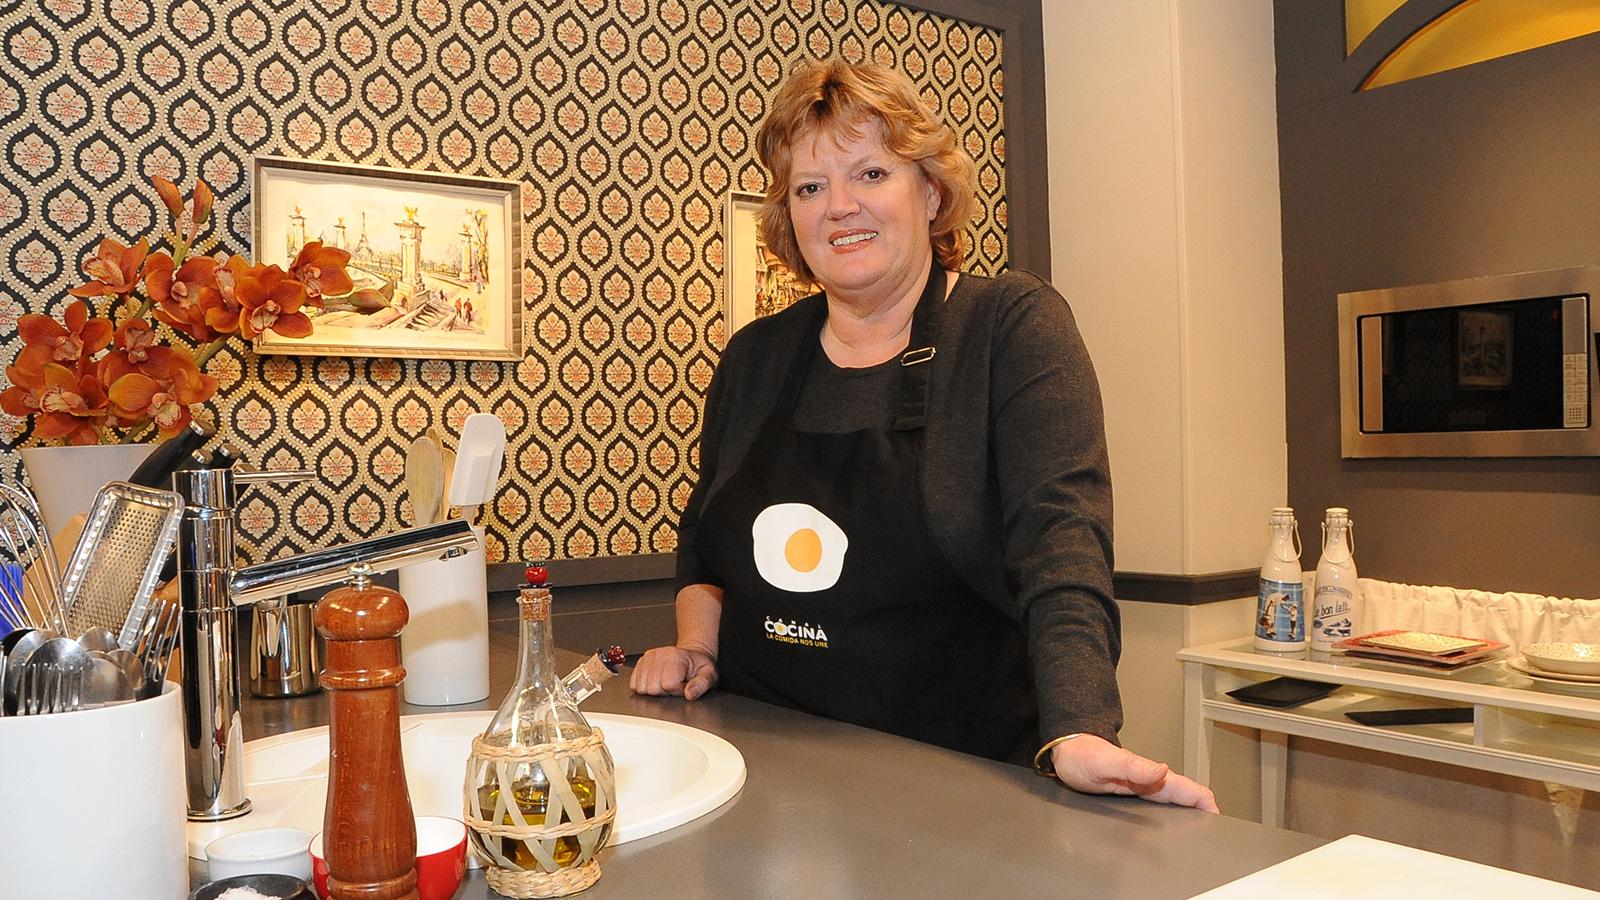 Evelyne ramelet cocineros canal cocina - Canal cocina cocineros ...